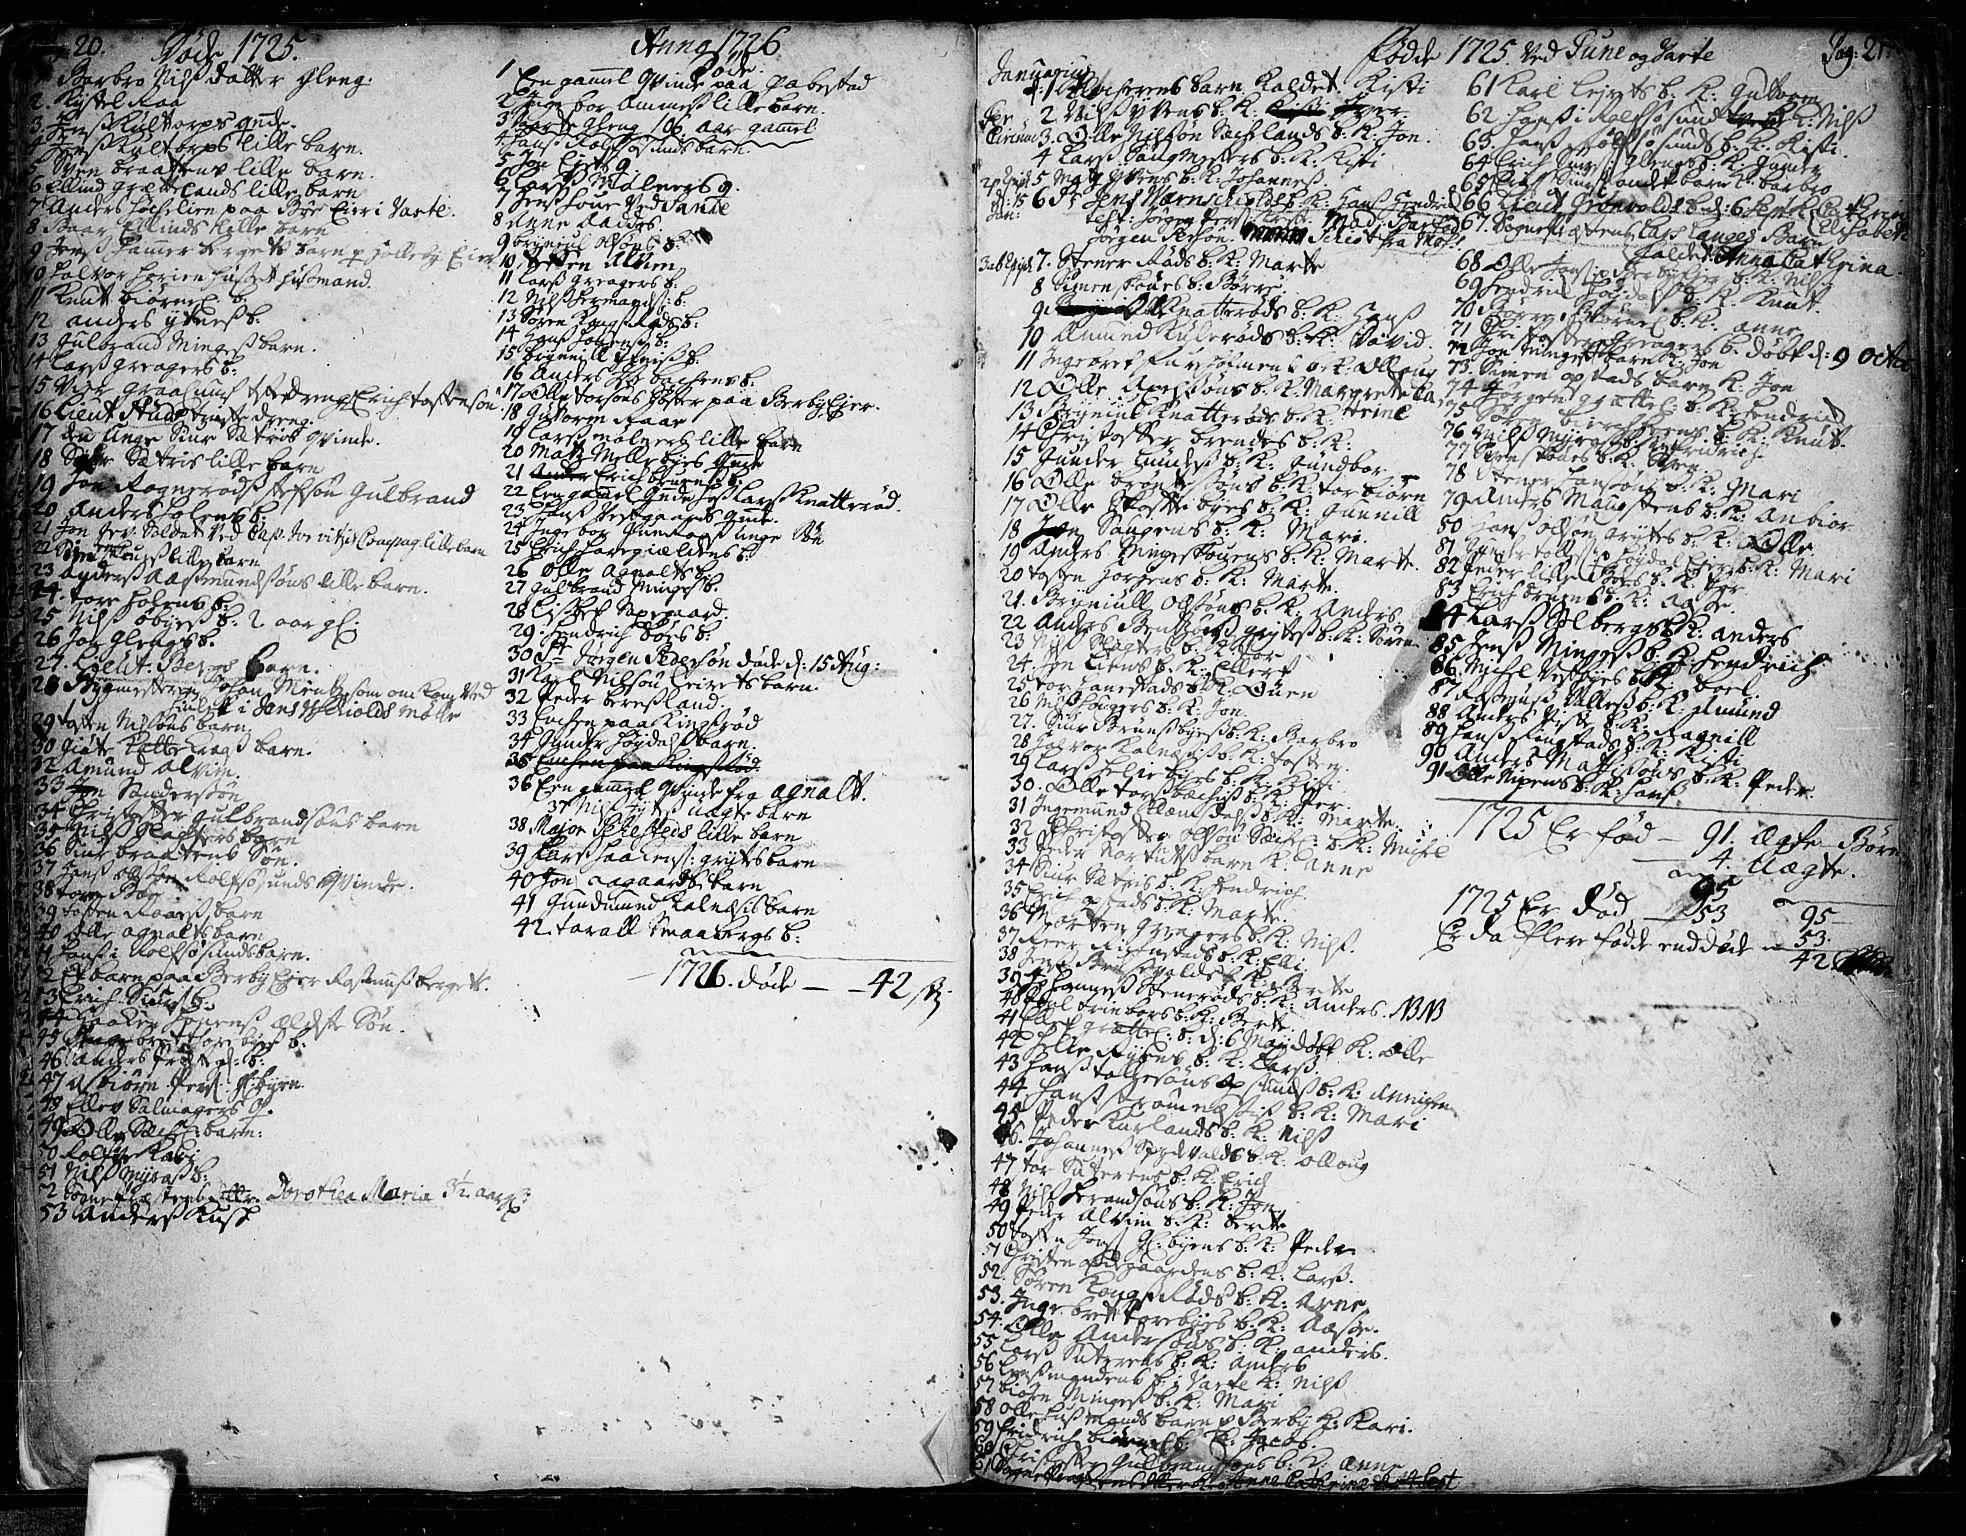 SAO, Tune prestekontor Kirkebøker, F/Fa/L0001: Ministerialbok nr. 1, 1720-1758, s. 20-21